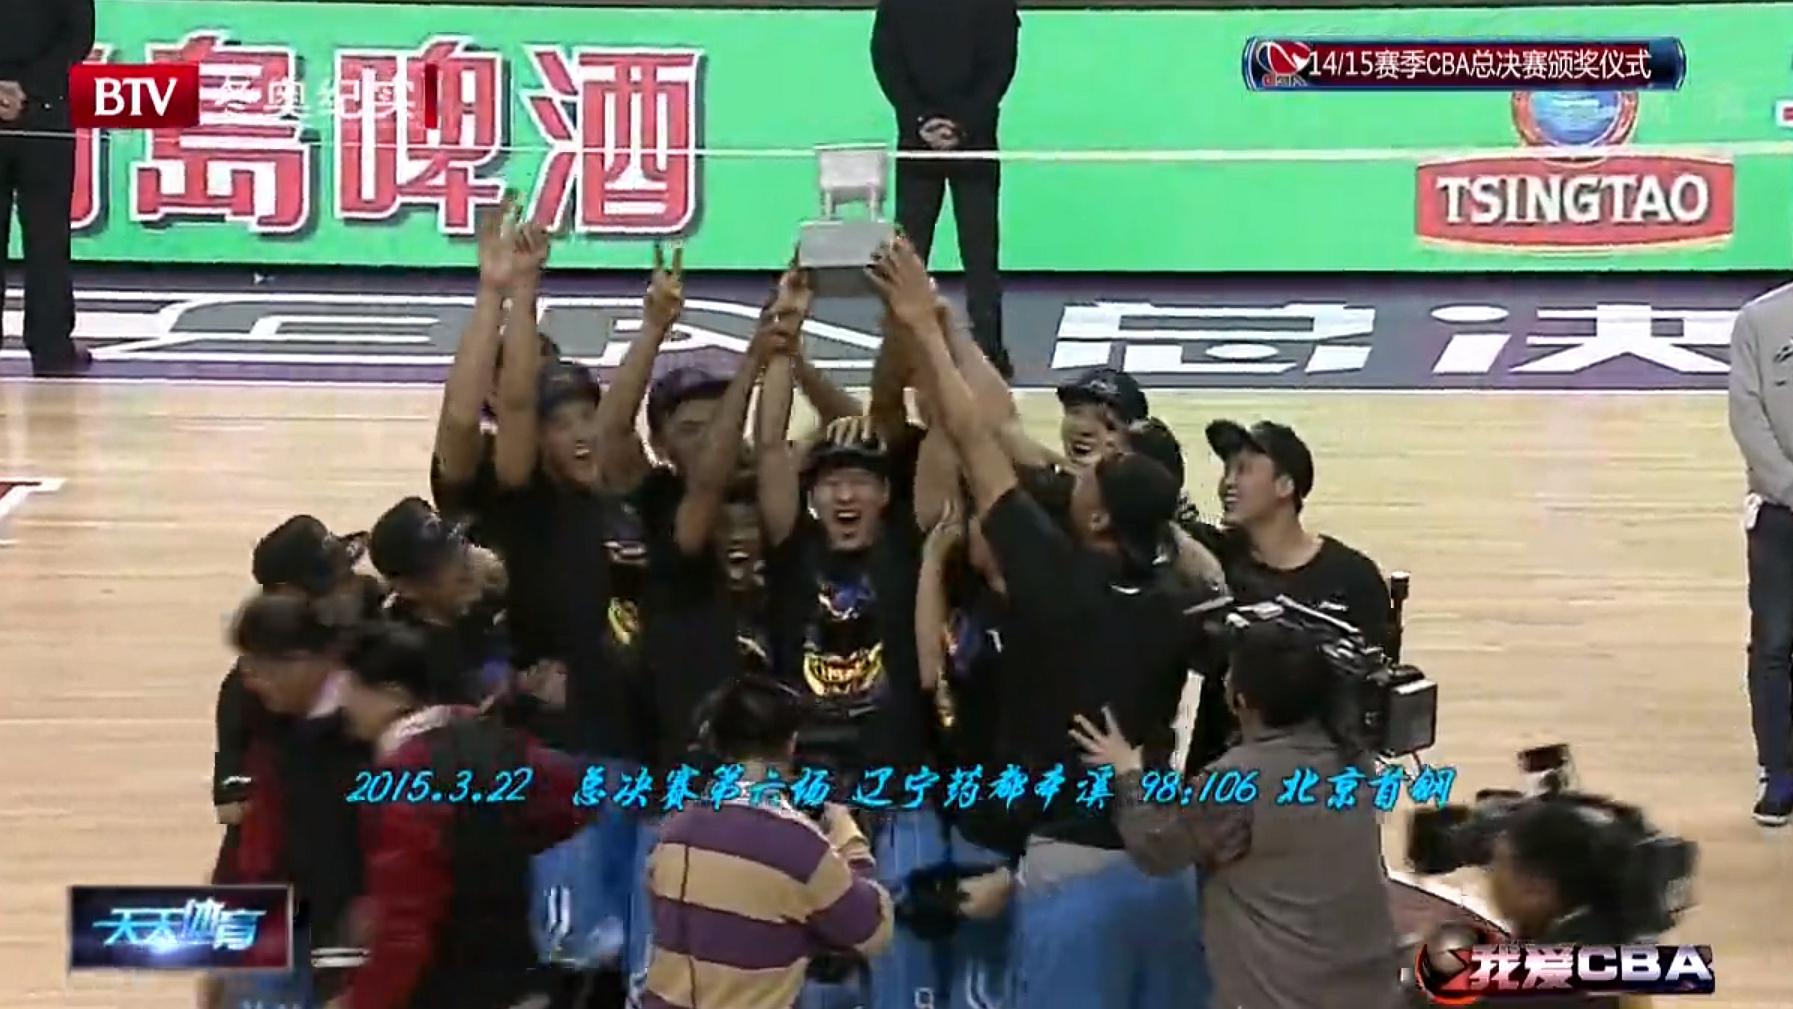 我爱CBA:回顾2013-14赛季总决赛第六场 北京夺得第三冠